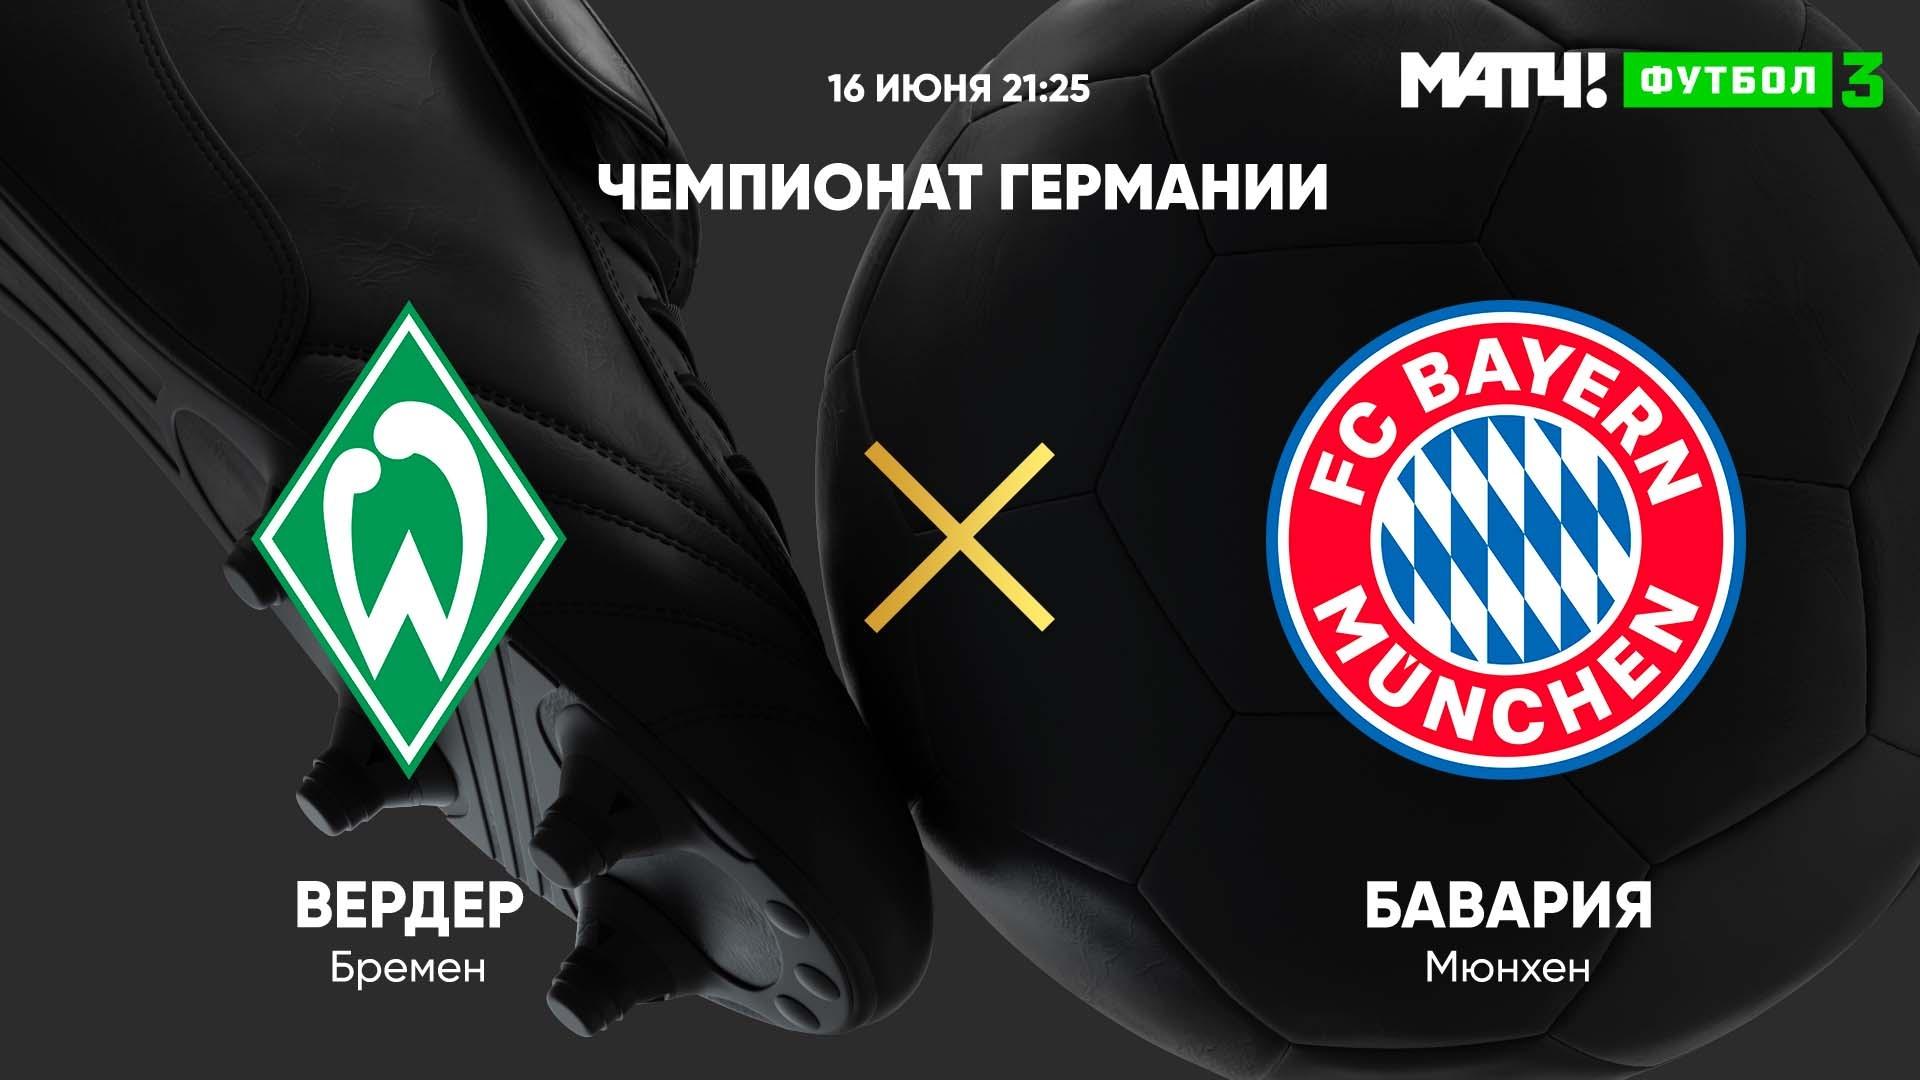 Вердер 0:1 Бавария - 16 июня 2020 - прямая онлайн трансляция футбольного  матча.